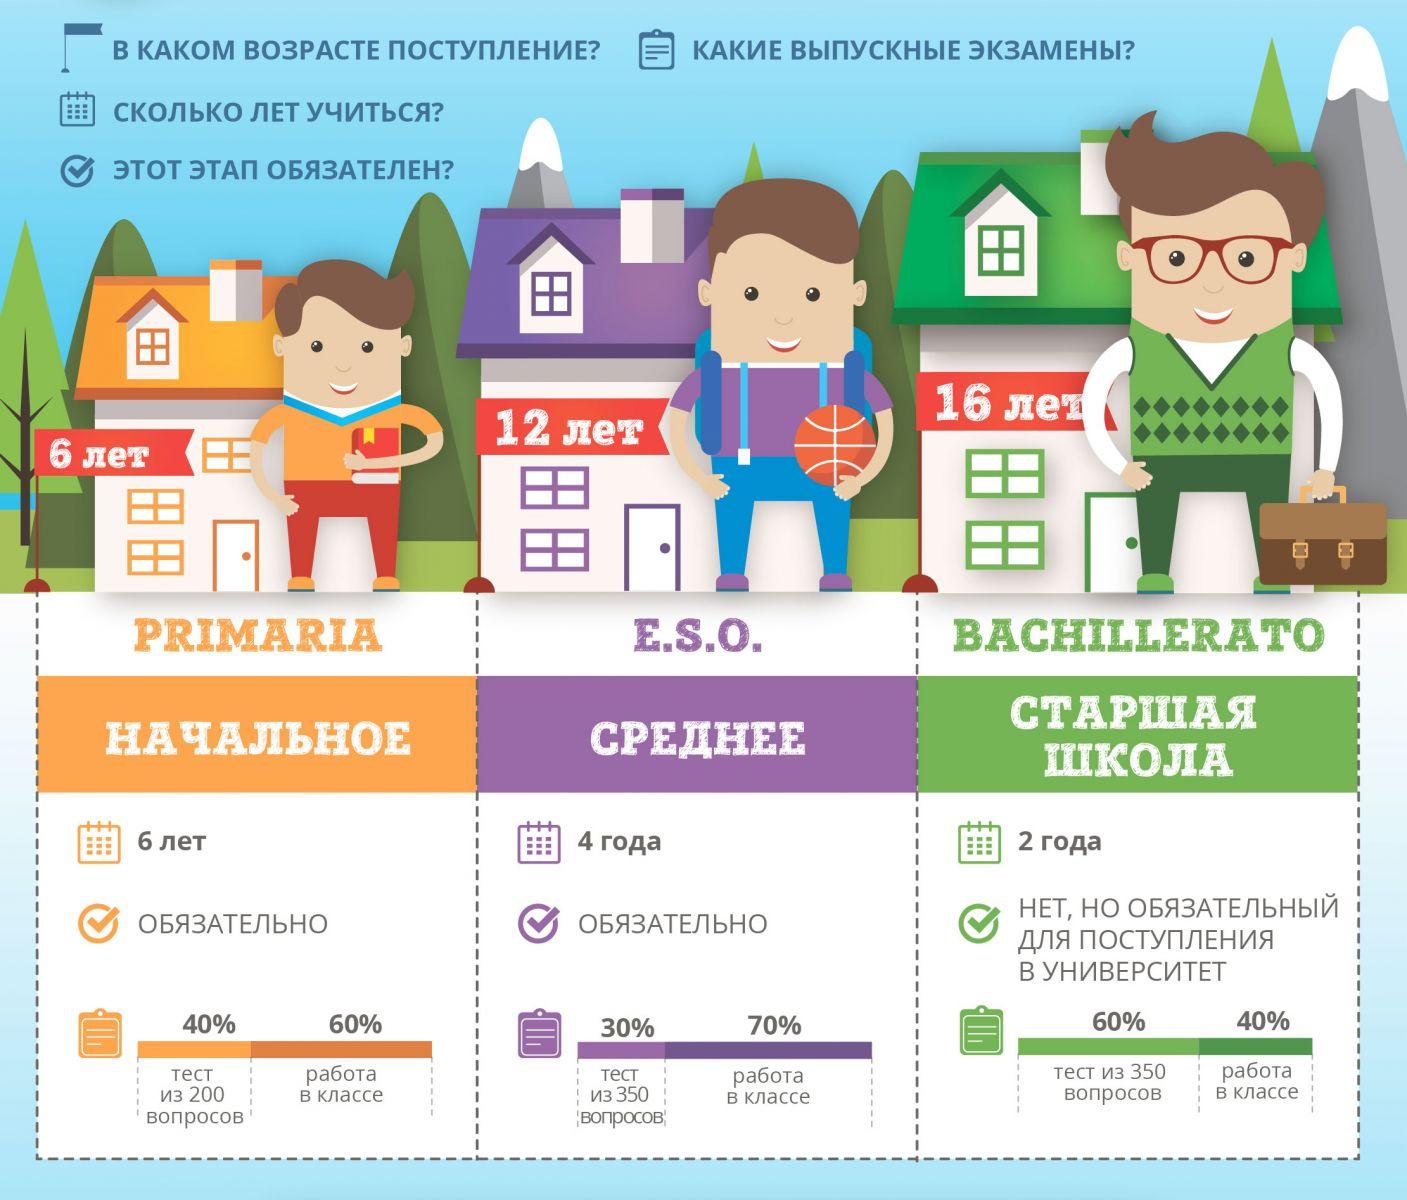 Сводная таблица испанского школьного образования